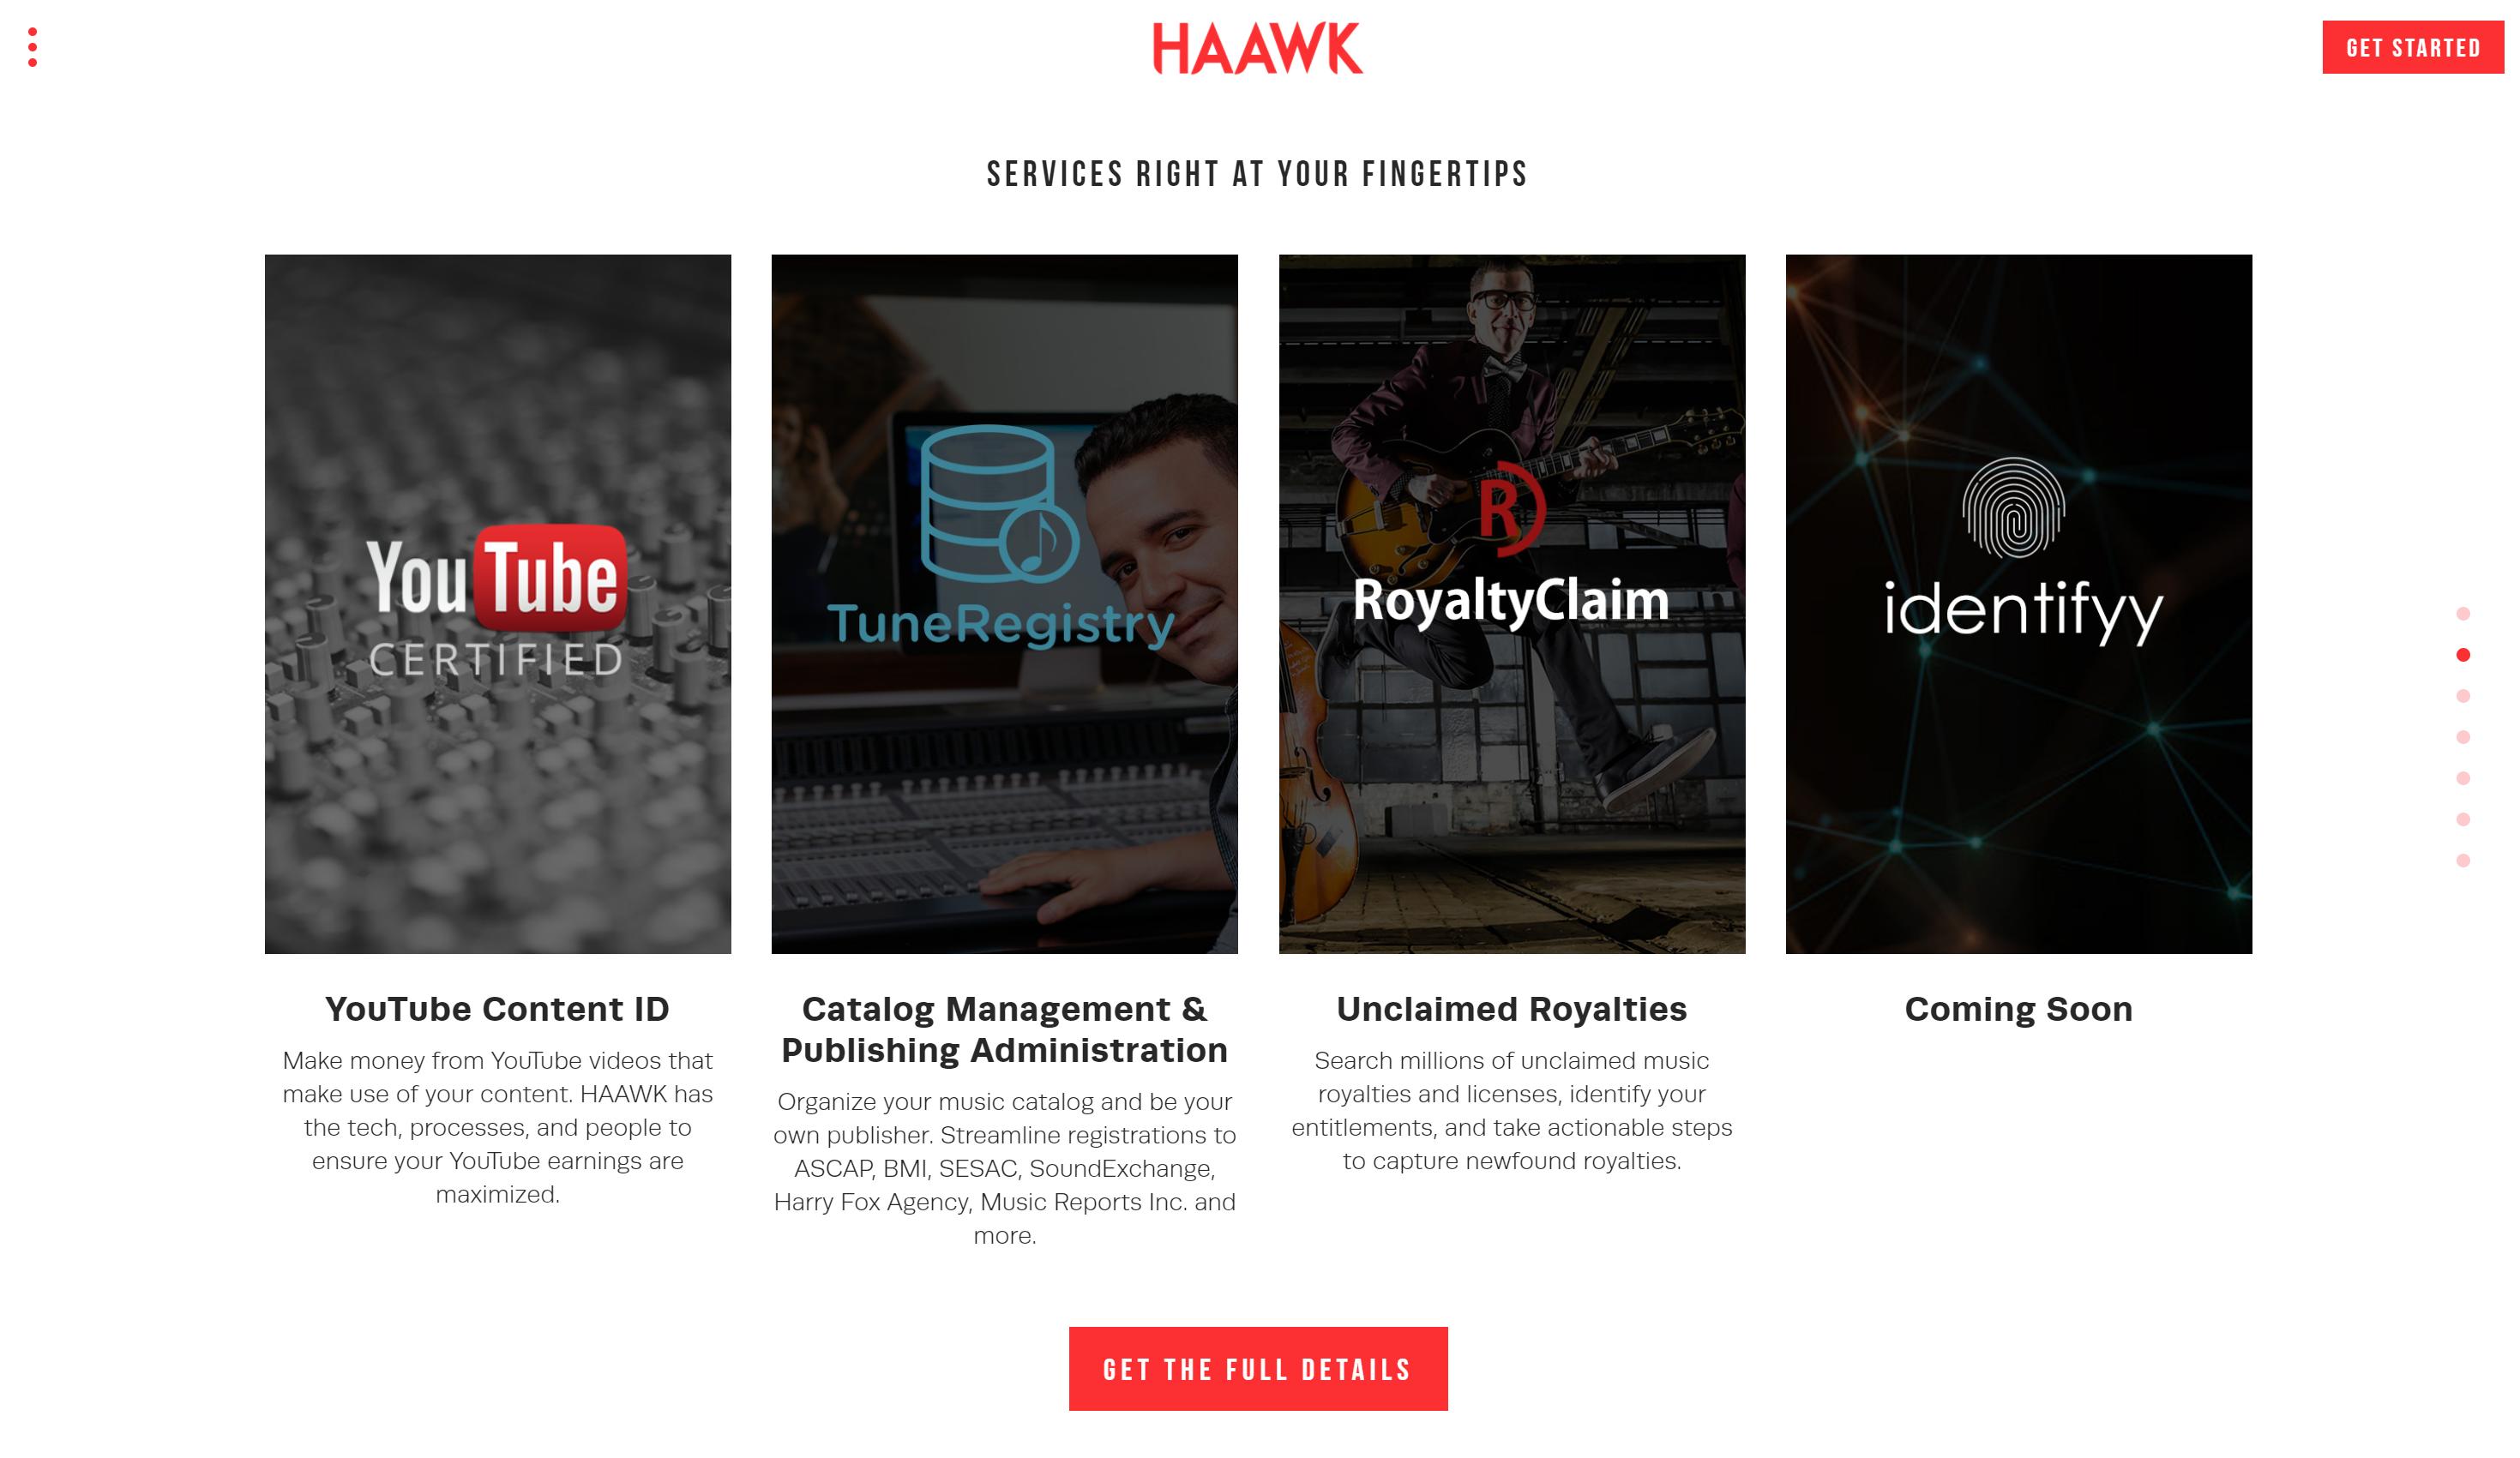 Haawk